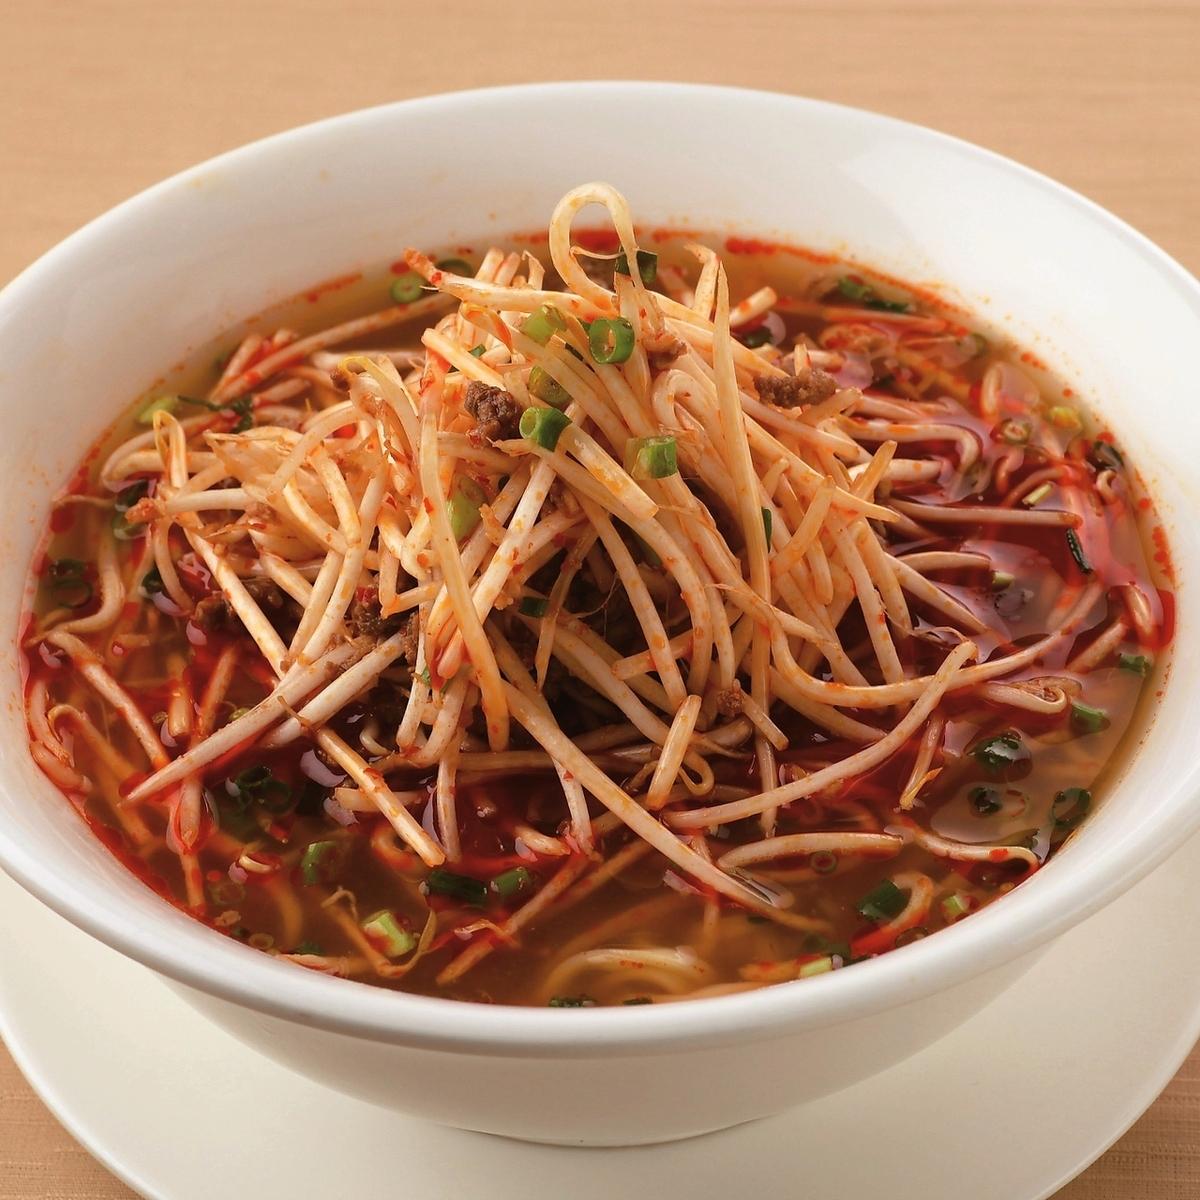 마늘이 들어간 붉은 식초 콩나물라면